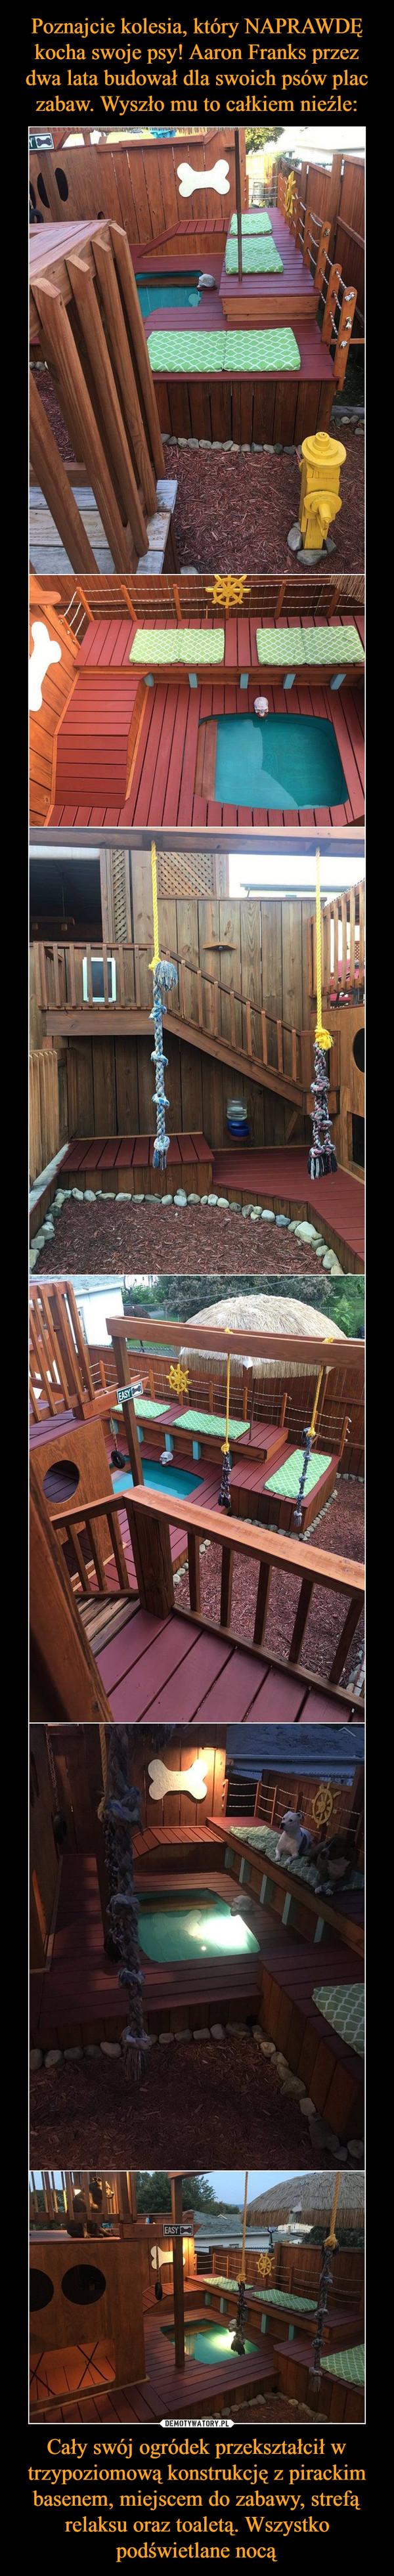 Cały swój ogródek przekształcił w trzypoziomową konstrukcję z pirackim basenem, miejscem do zabawy, strefą relaksu oraz toaletą. Wszystko podświetlane nocą –